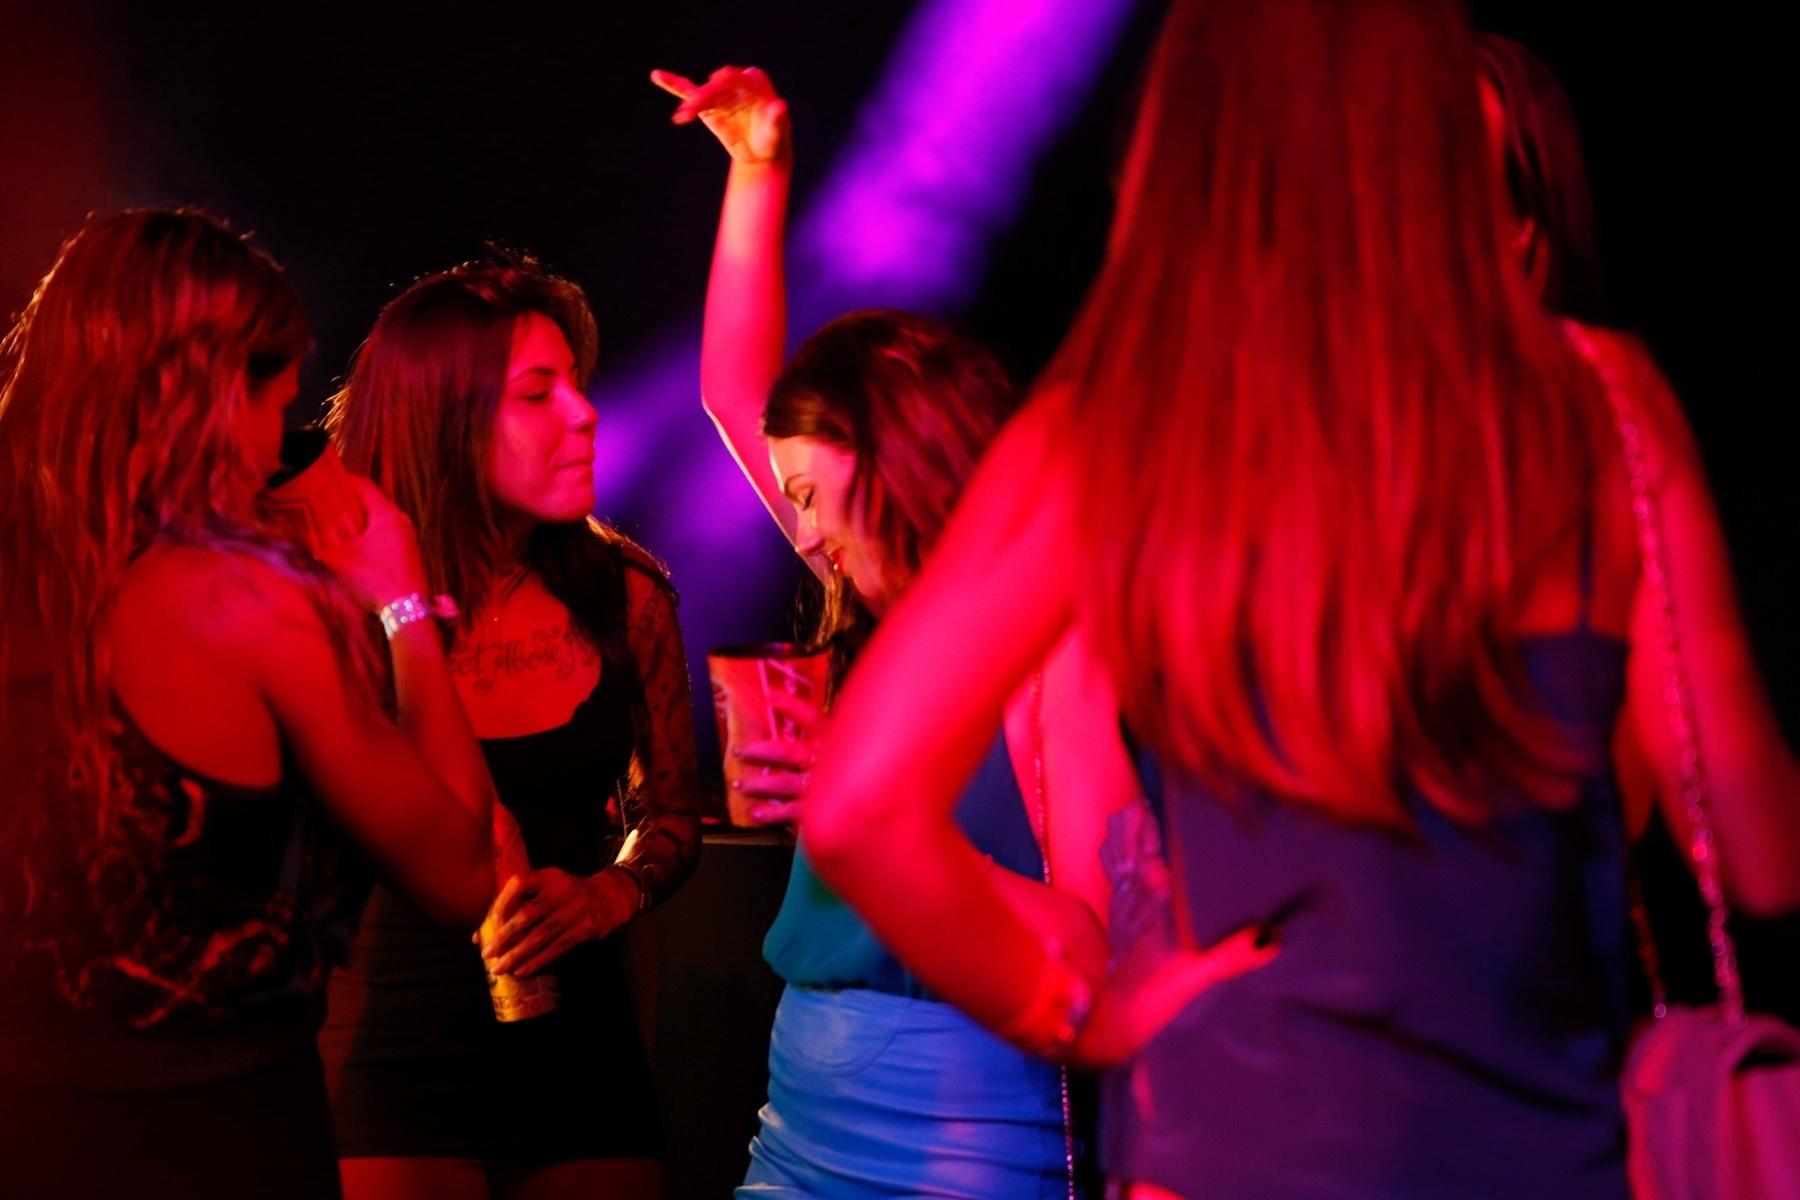 23.jun.2014 - Isis Valverde se diverte na pista de dança do Hotel Bud, no Rio de Janeiro, onde acompanhou Braxil x Camarões